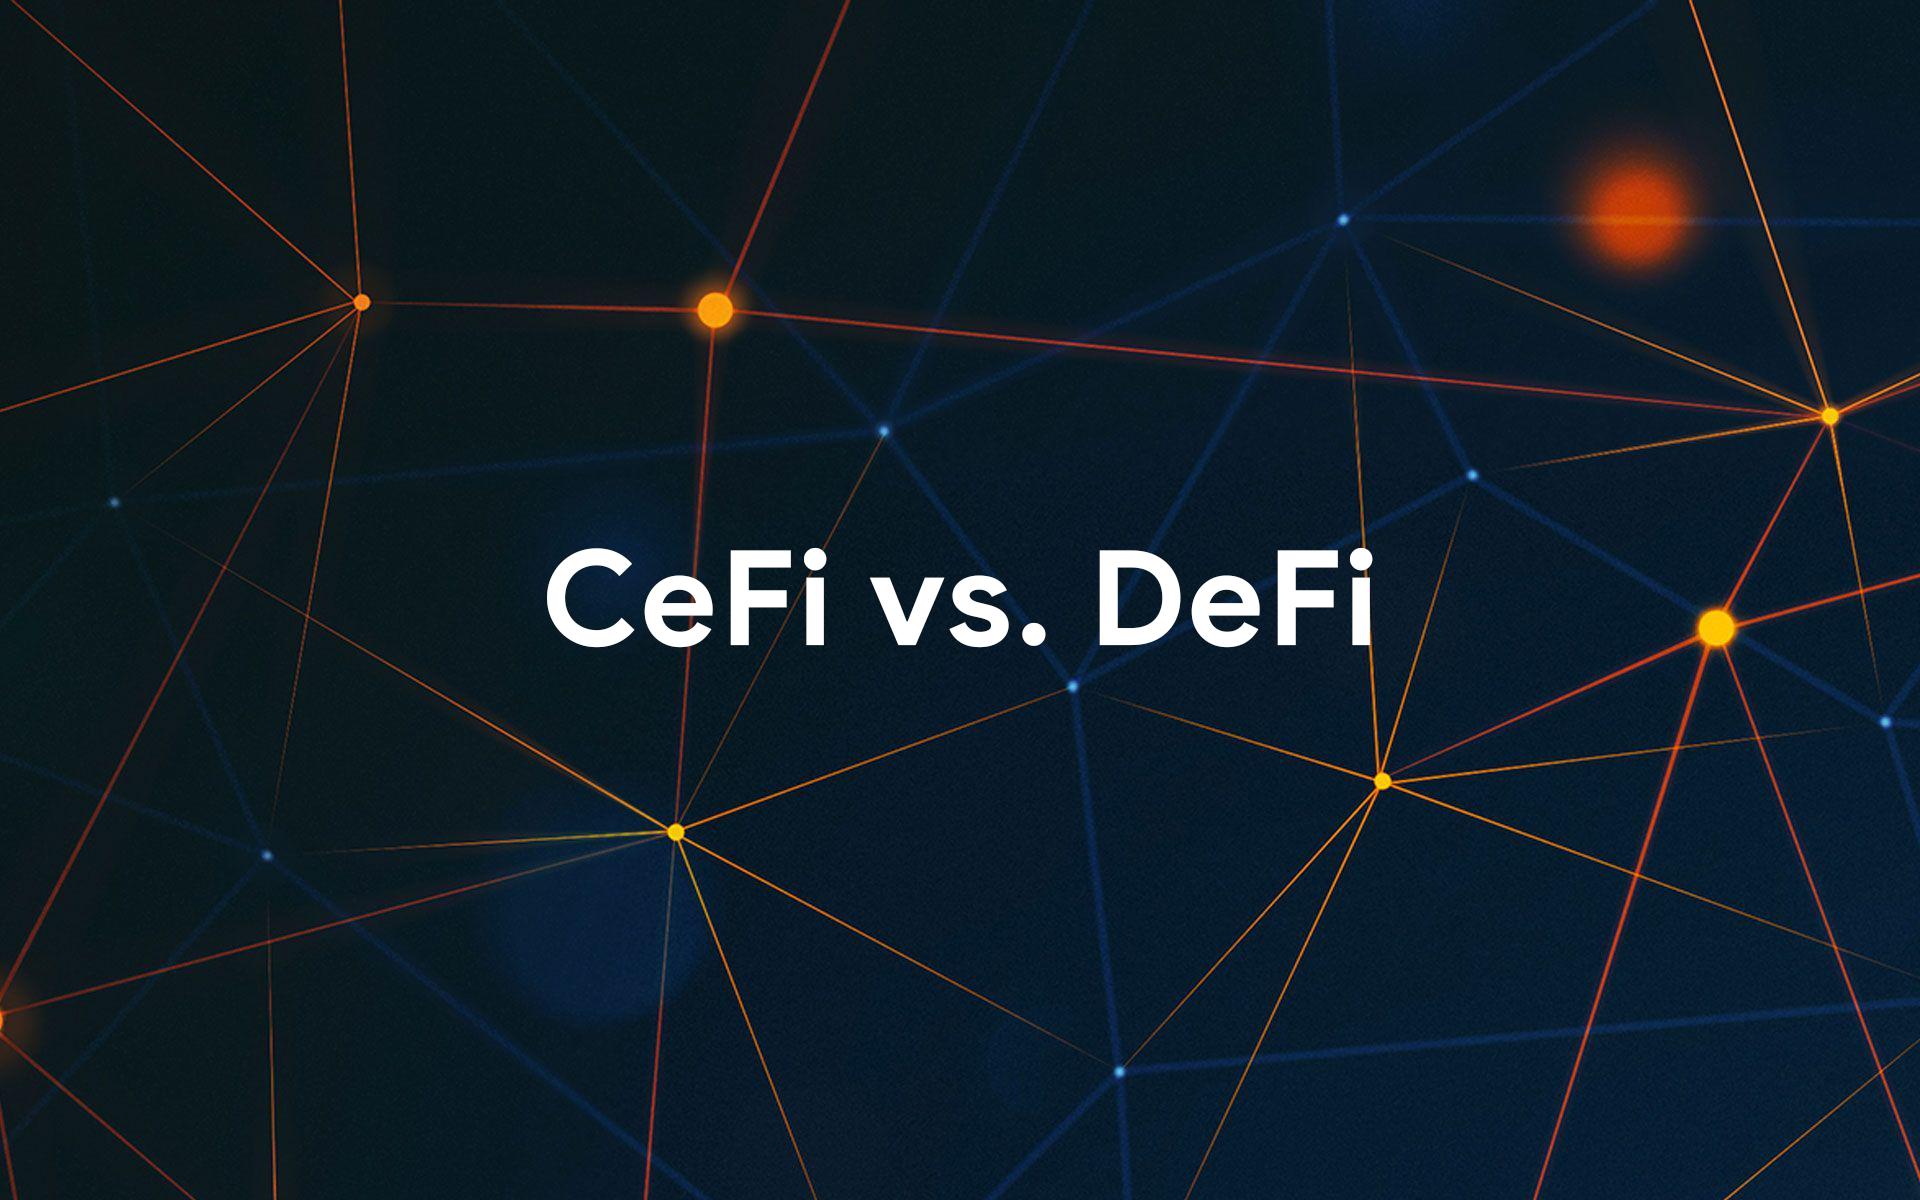 OKEx Fiyaskosu Tartışmayı Alevlendirdi: DeFi vs CeFi